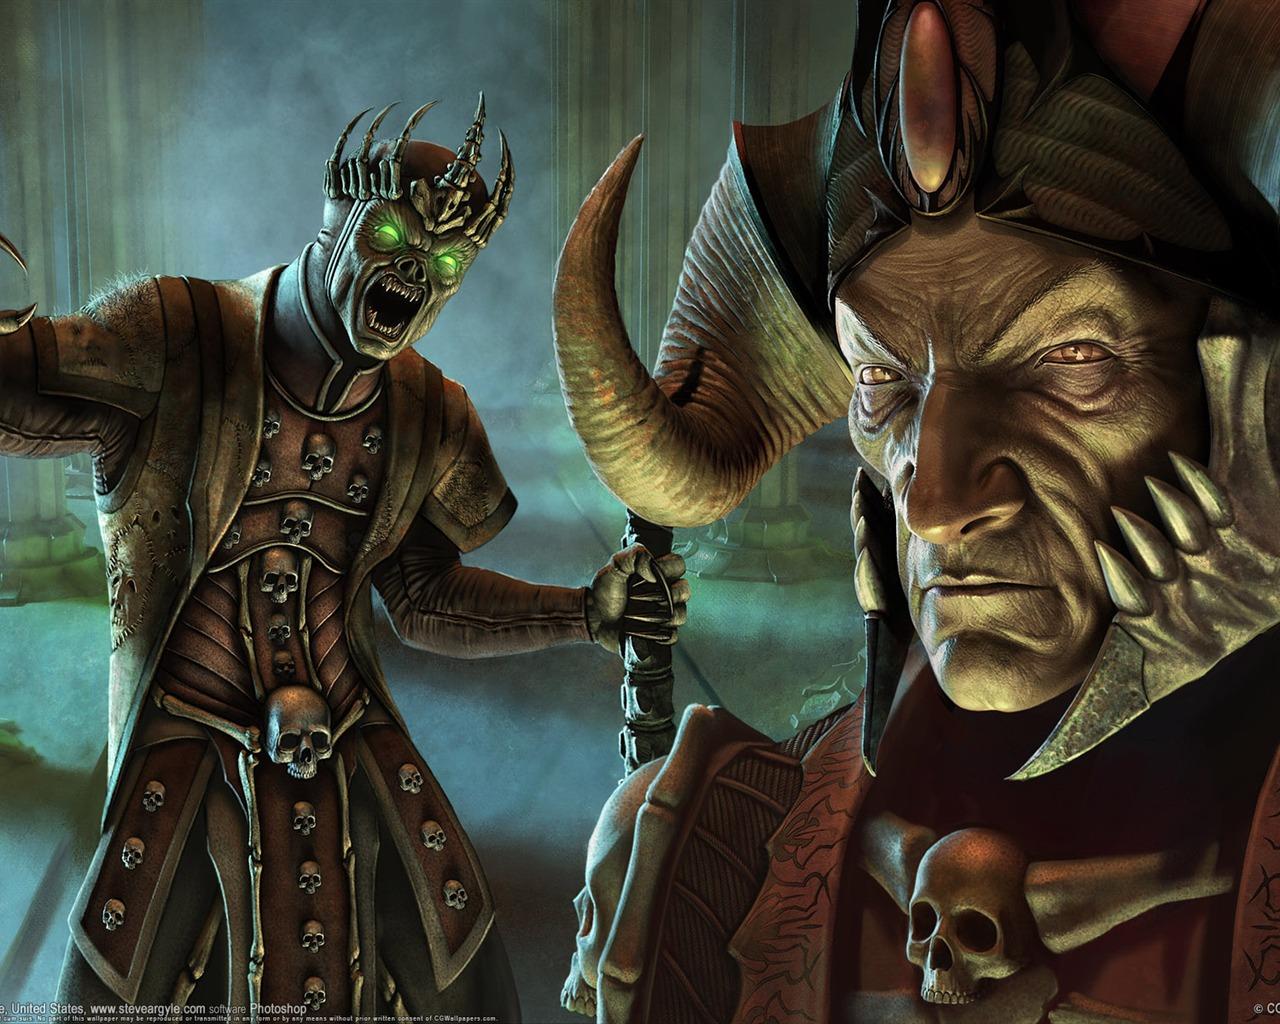 เหล่าขุนนาง Dark_Fantasy_CG_illustration_wallpaper_of_Warcraft_B_1280x1024